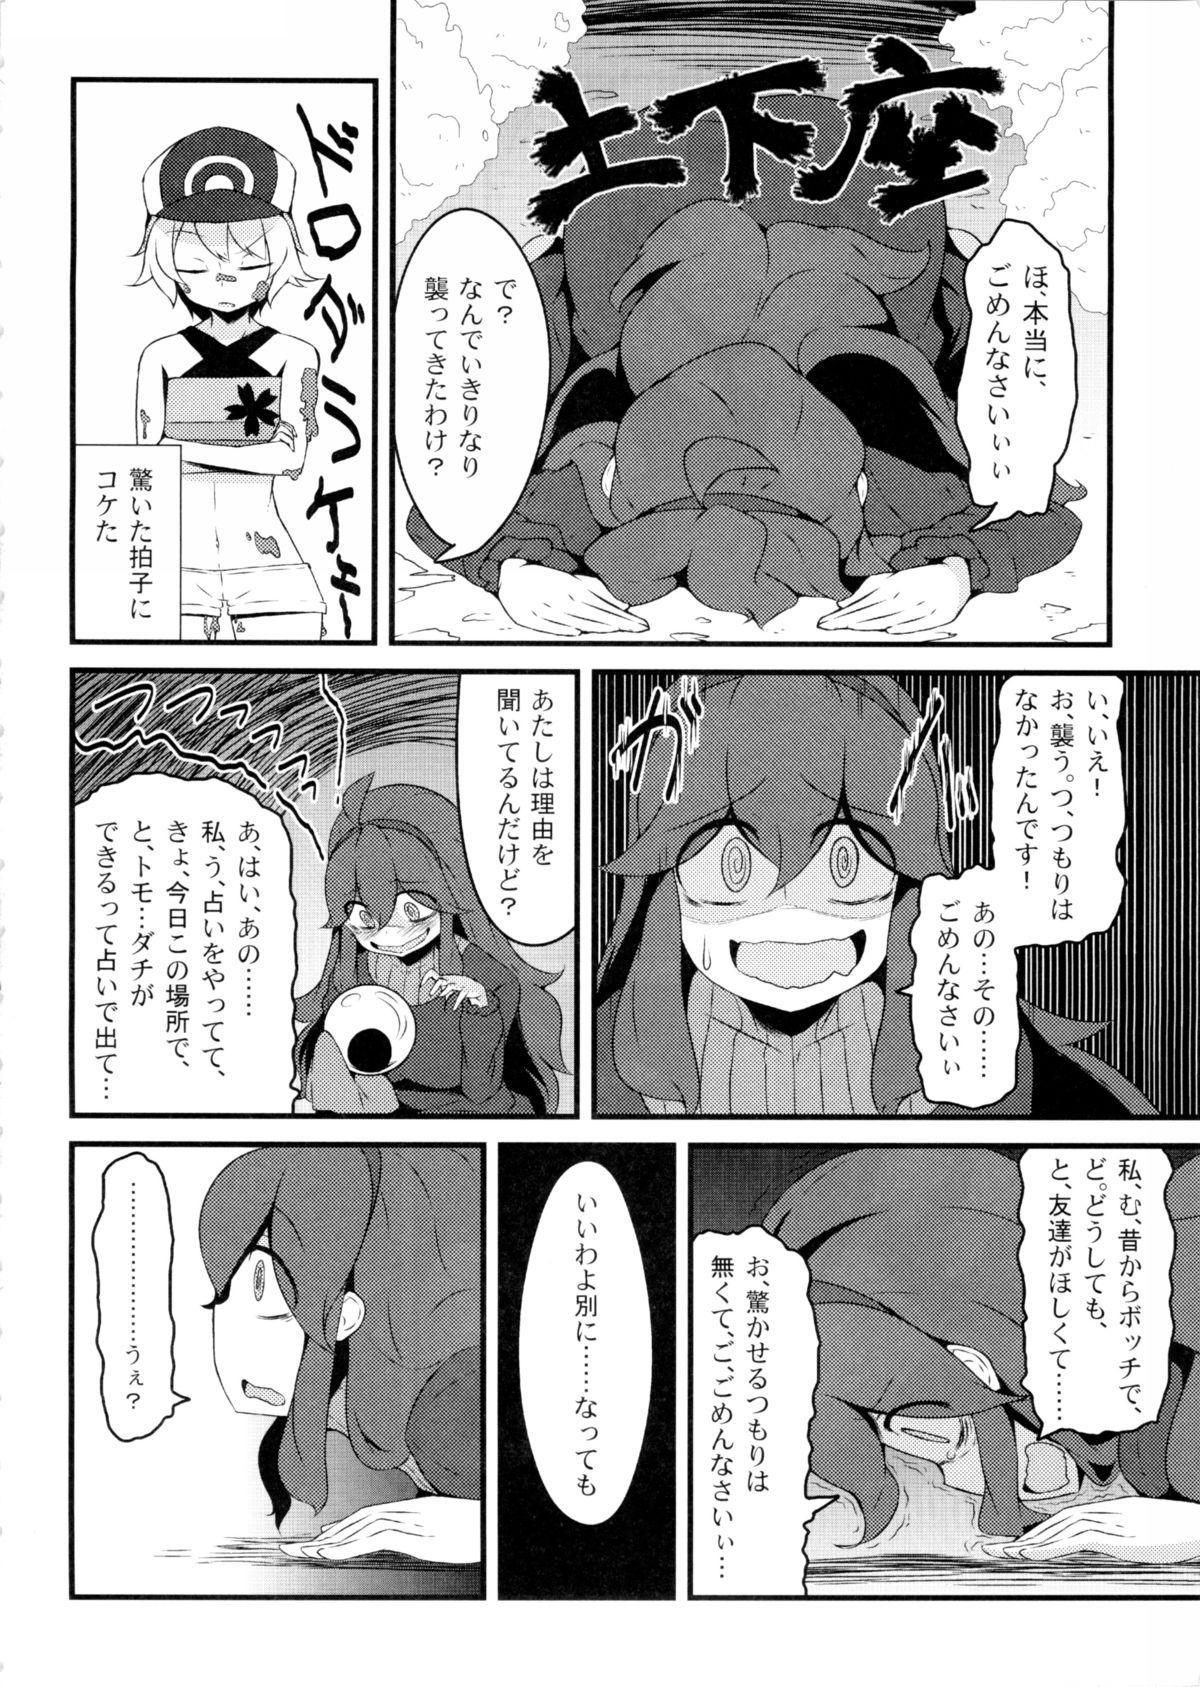 Tomodachi? Maniac 2